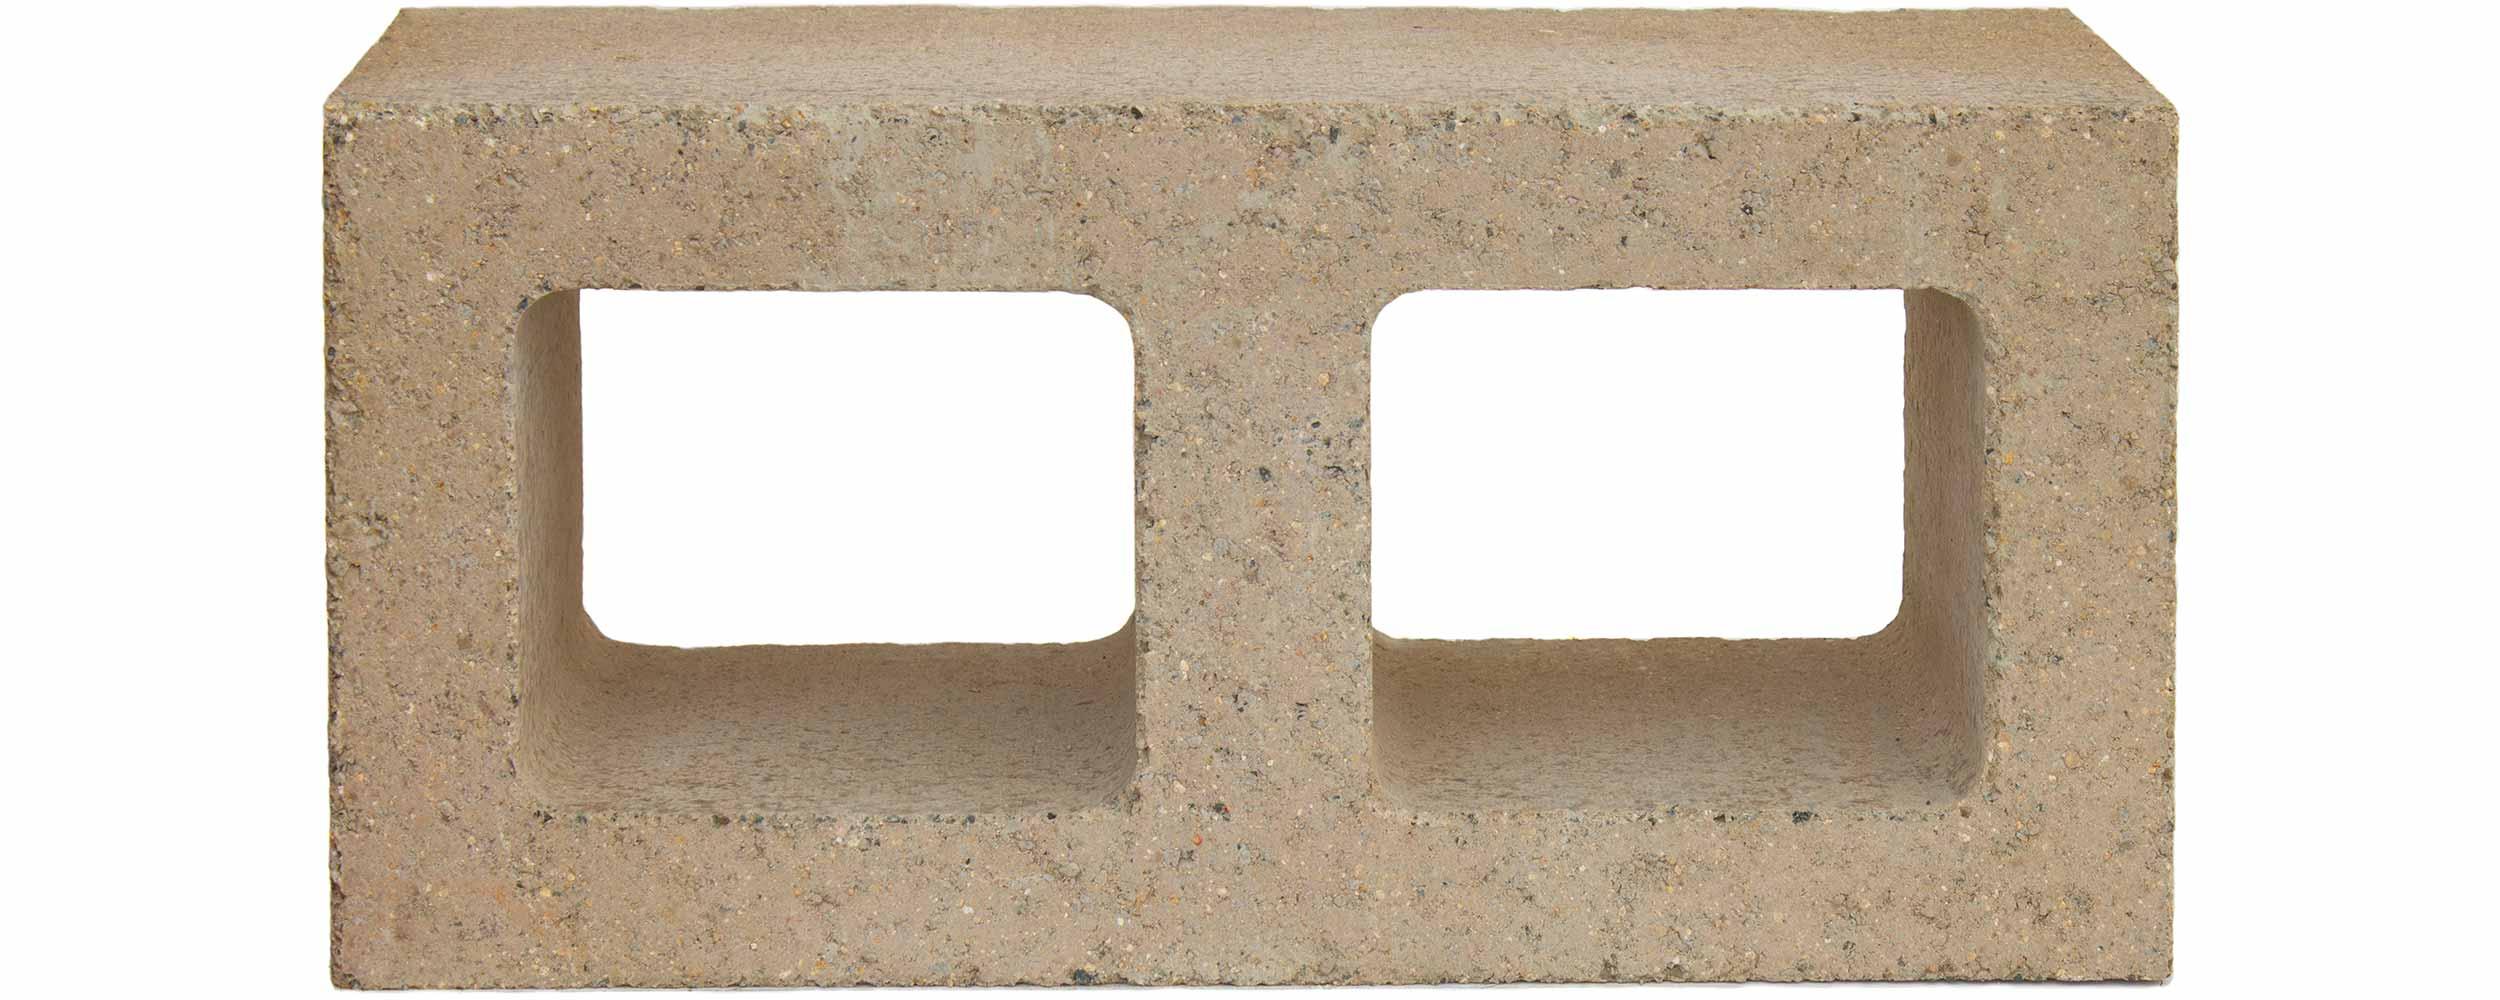 Watershed-Materials-Stanford-Watershed-Block-2-2500.jpg